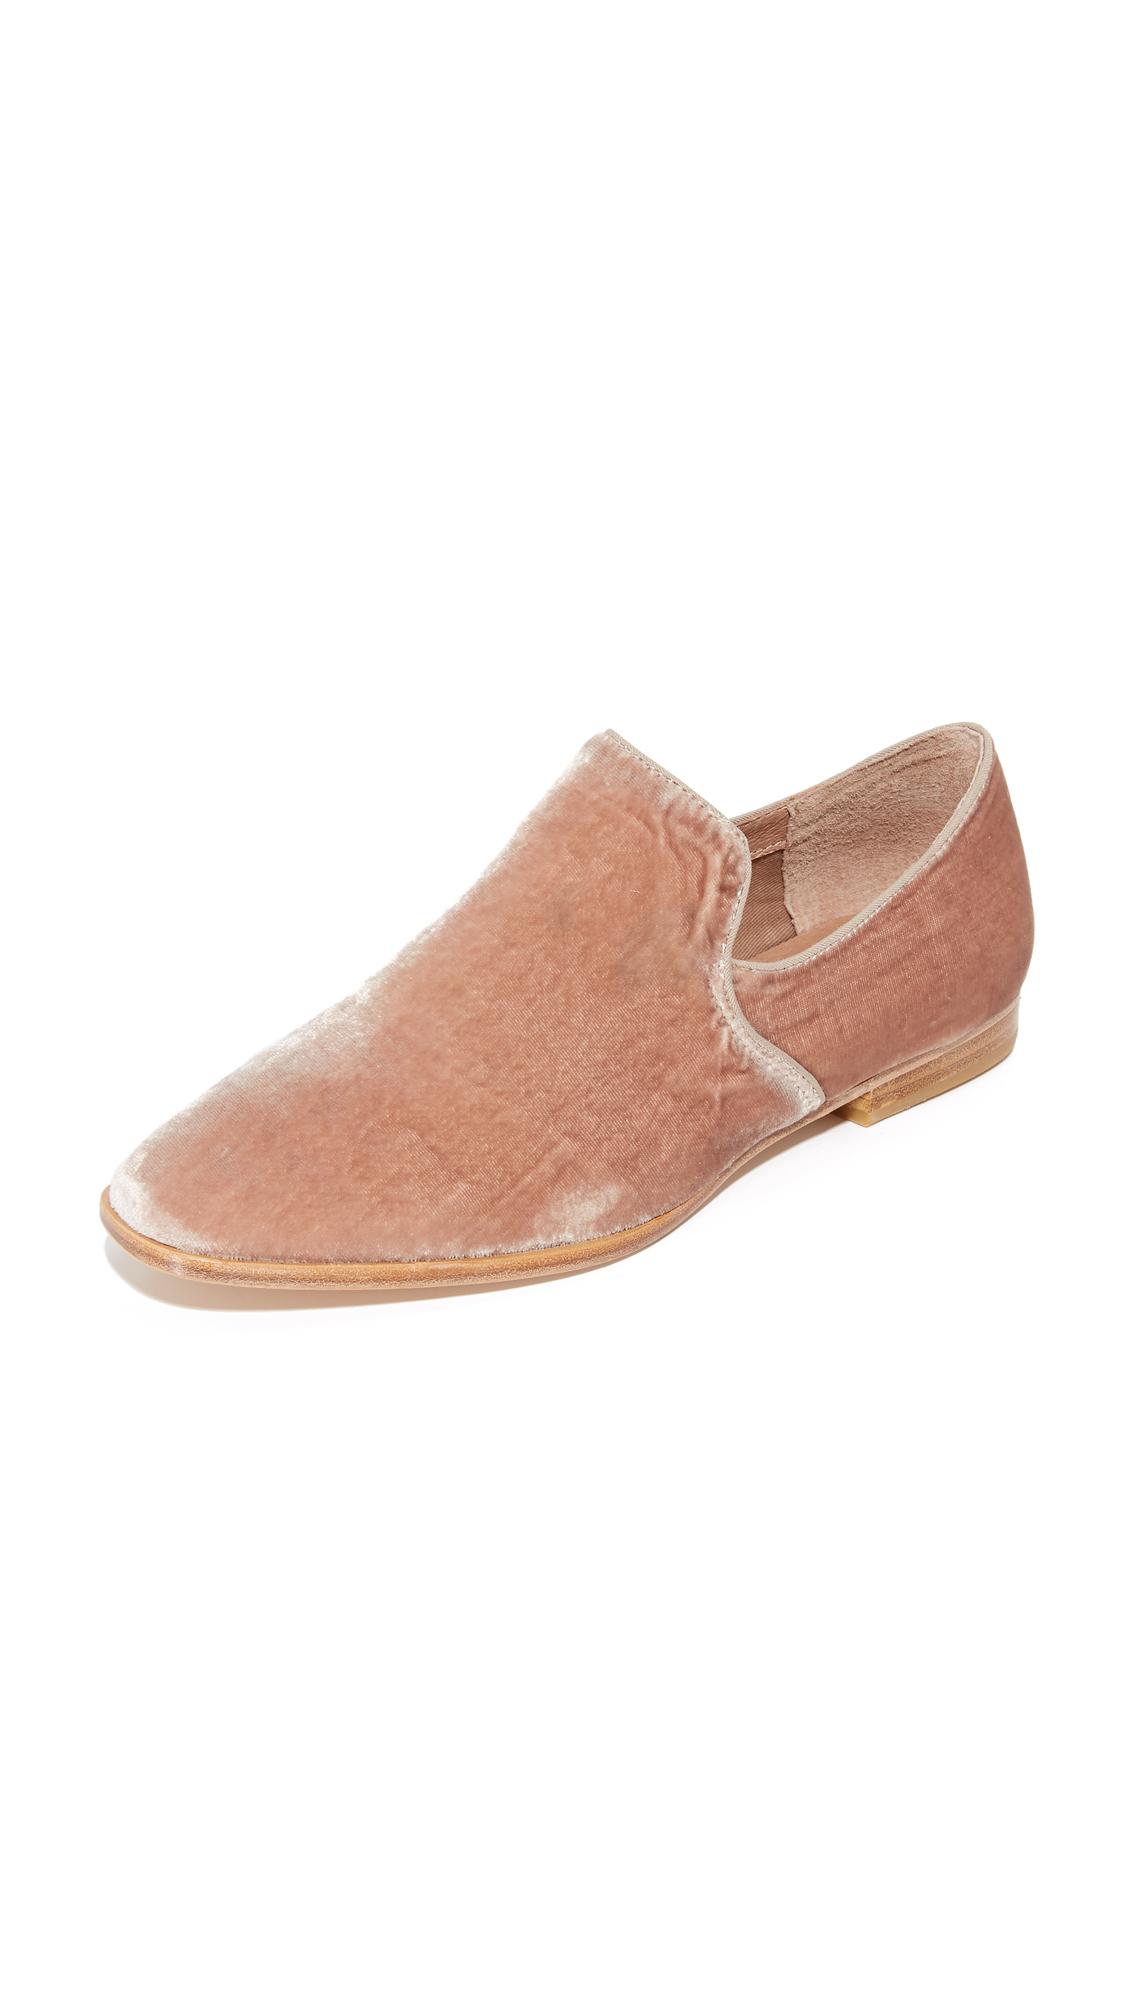 steven female steven adrianna velvet loafers blush velvet